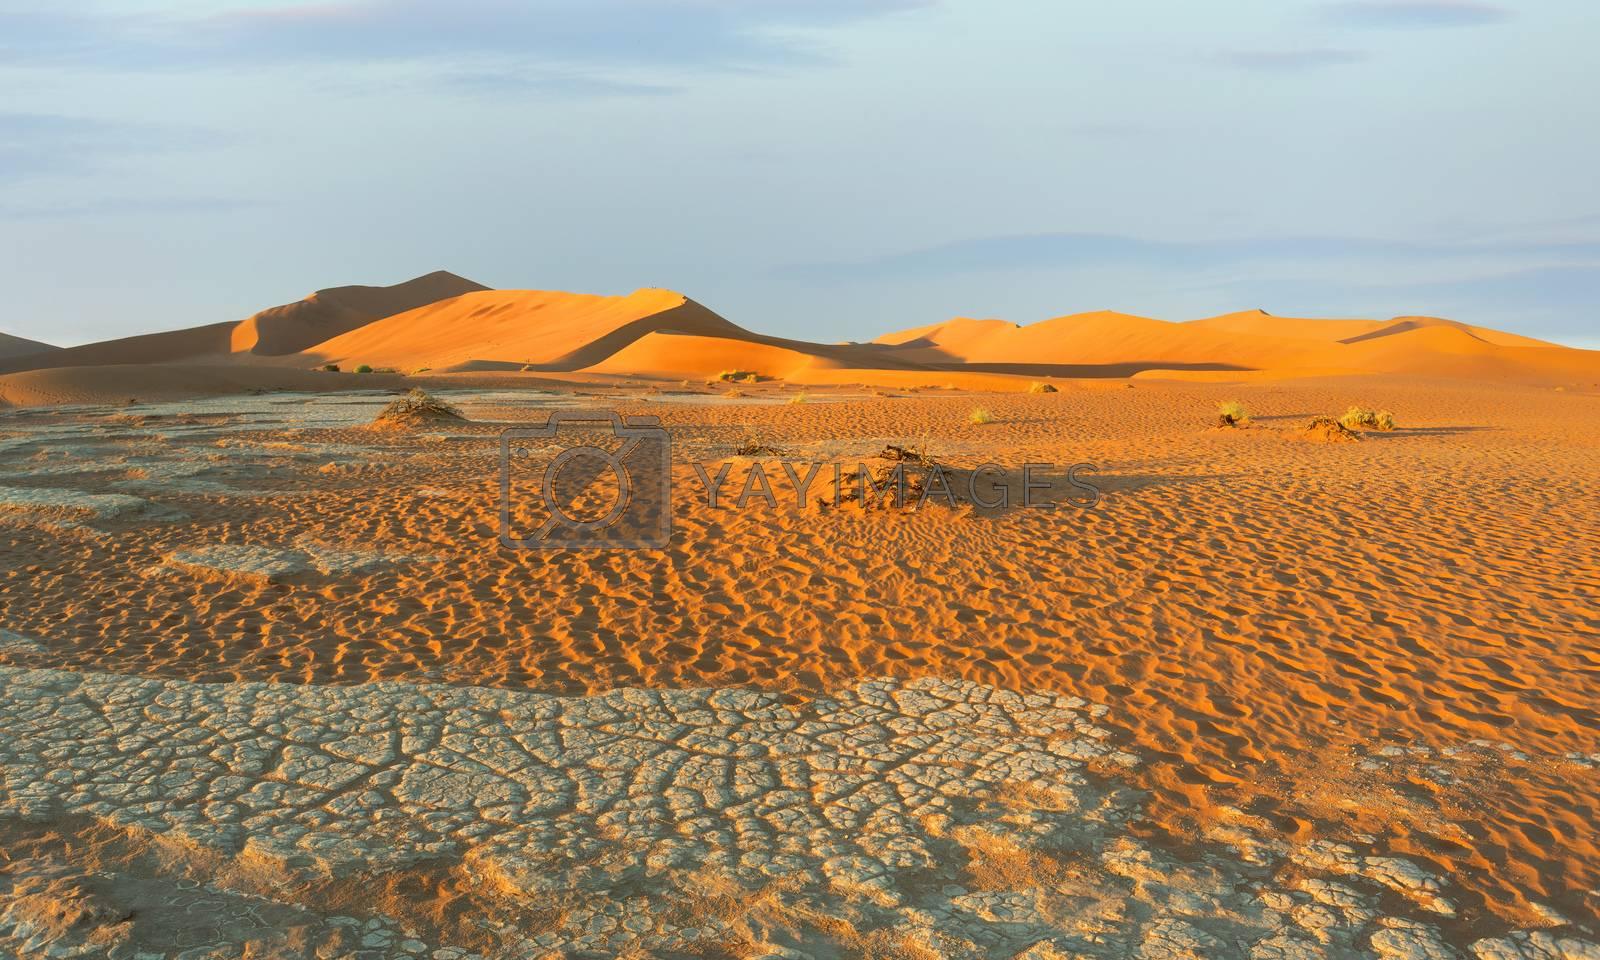 arid dead sunrise landscape, hidden Dead Vlei in Namib desert, dune with morning sun, Namibia, Africa wilderness landscape